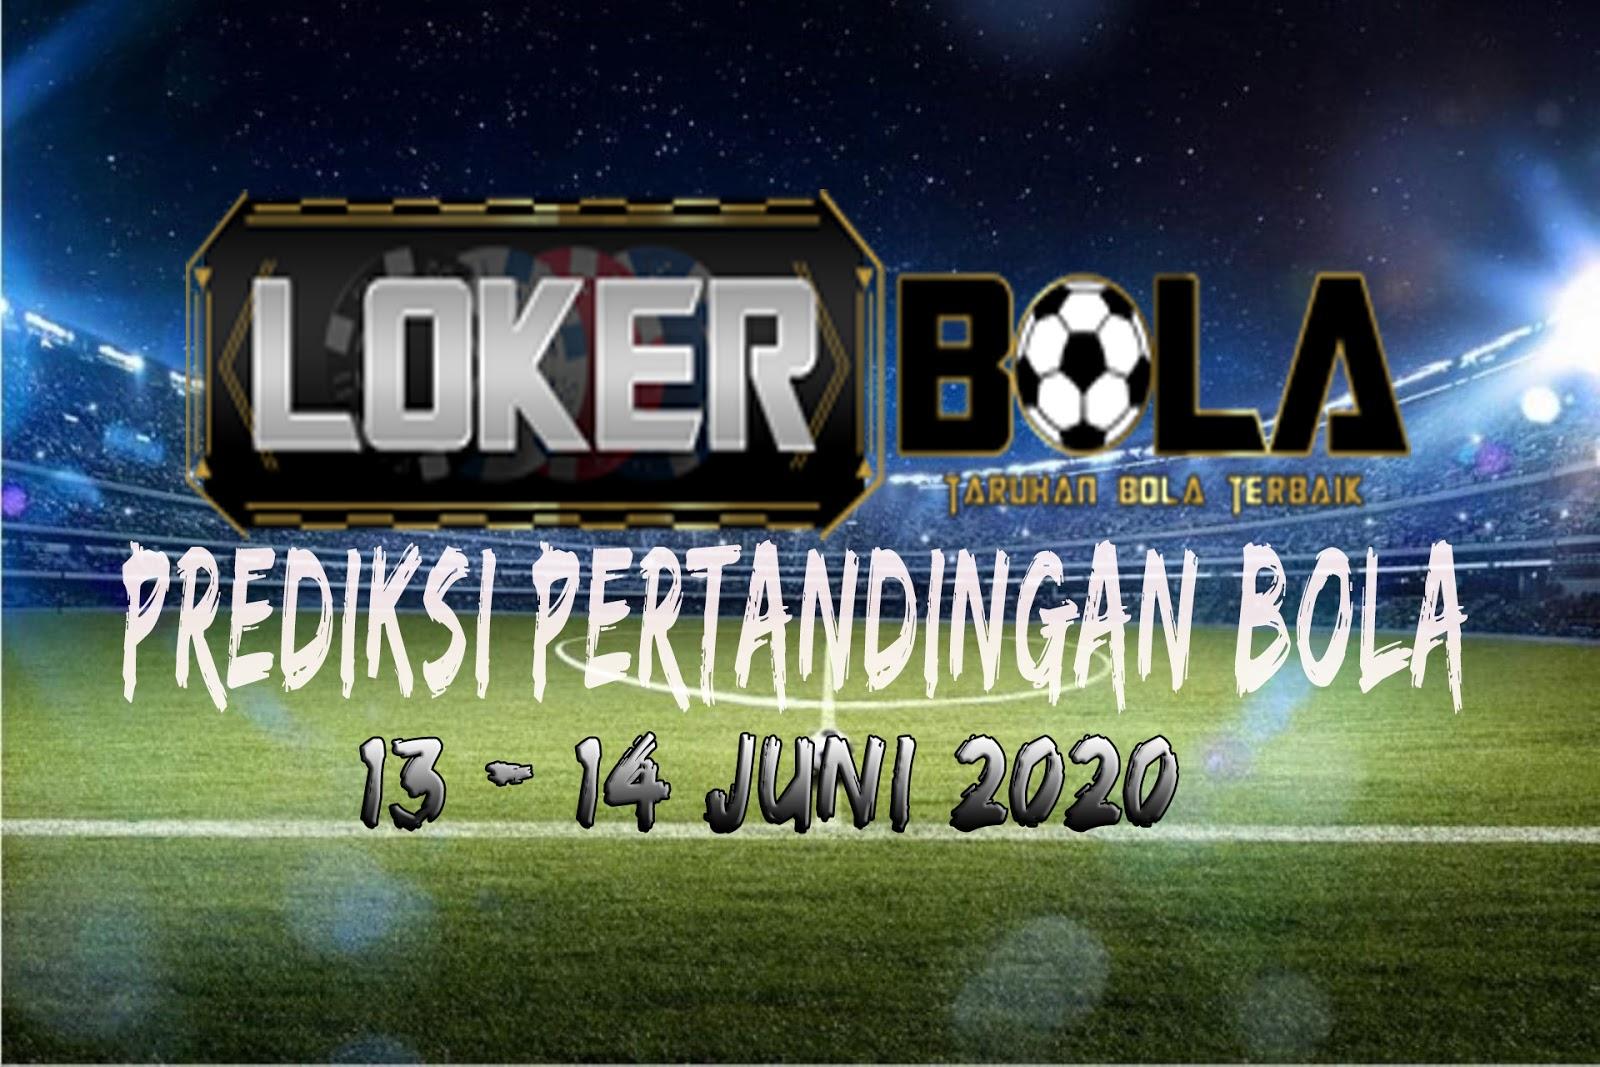 PREDIKSI PERTANDINGAN BOLA 13 – 14 June 2020